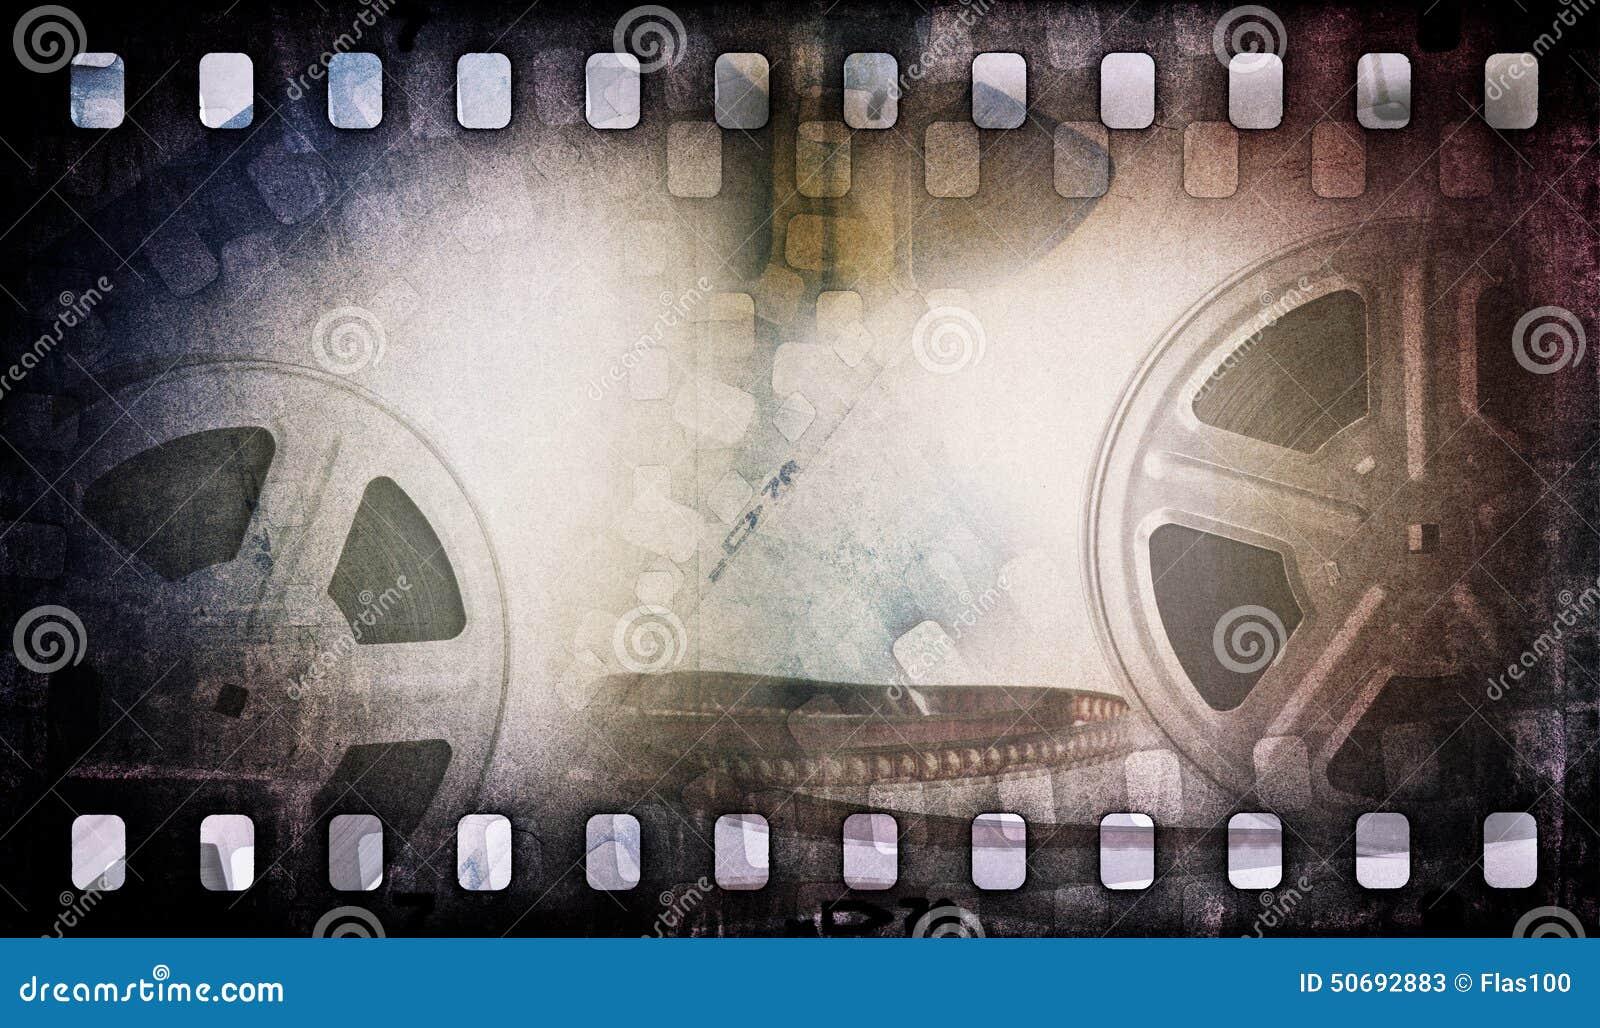 但邦产电影还没有把衍临蓐业纳入到团体的运营框架